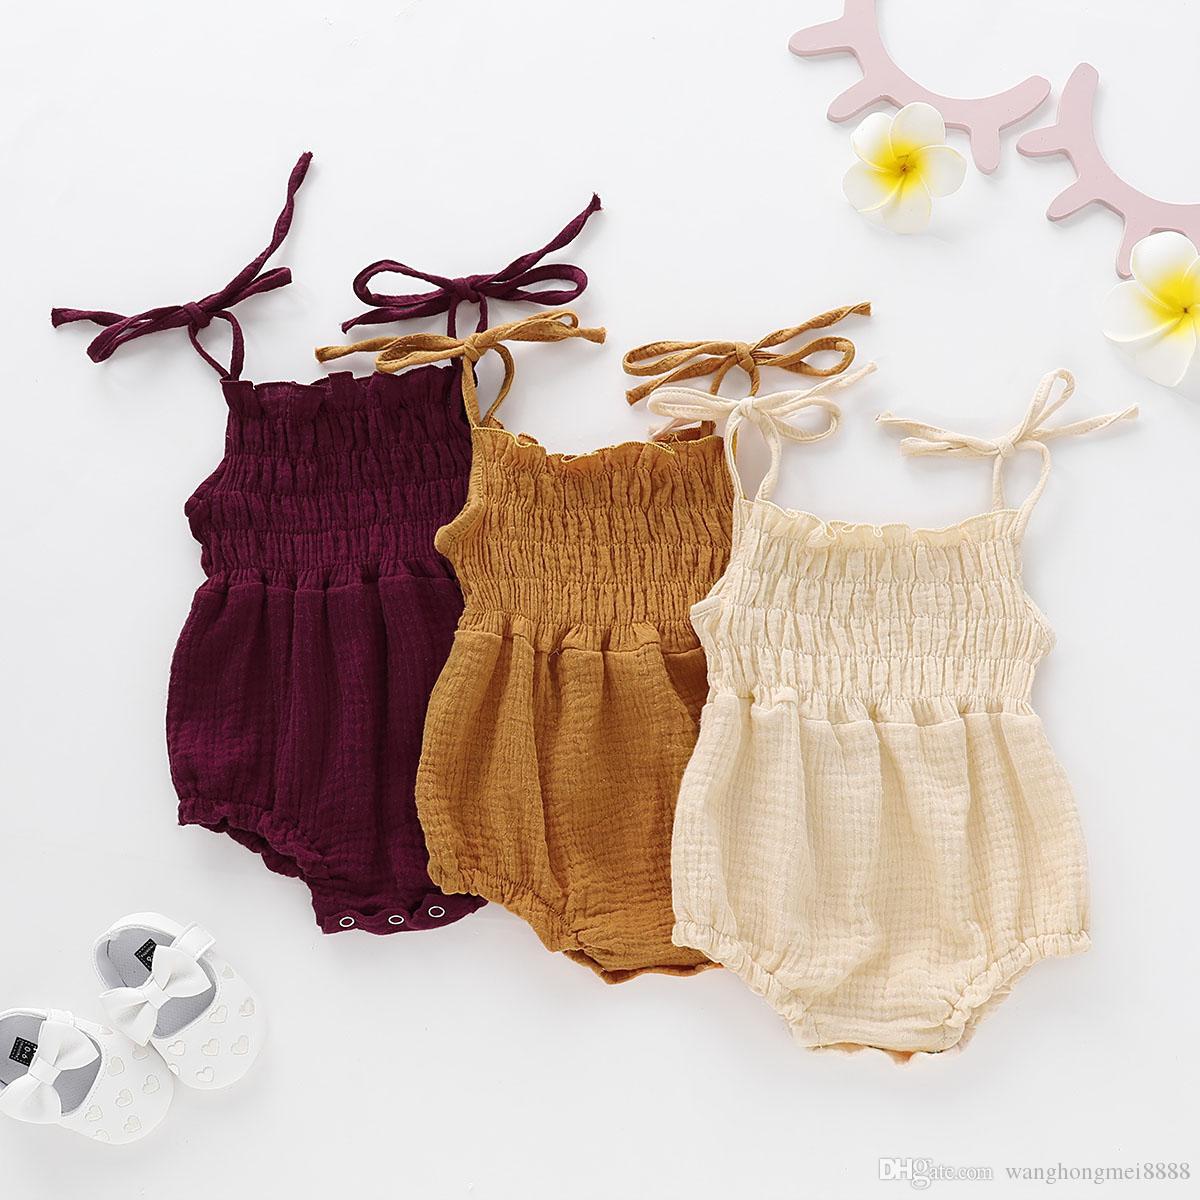 Reizender neugeborener Baby-Sommer-Spielanzug 2019 Sleeveless Rüsche-Overall-Ausstattungs-Baby-Baumwollspielanzug-neugeborene Kleidung 0-18M